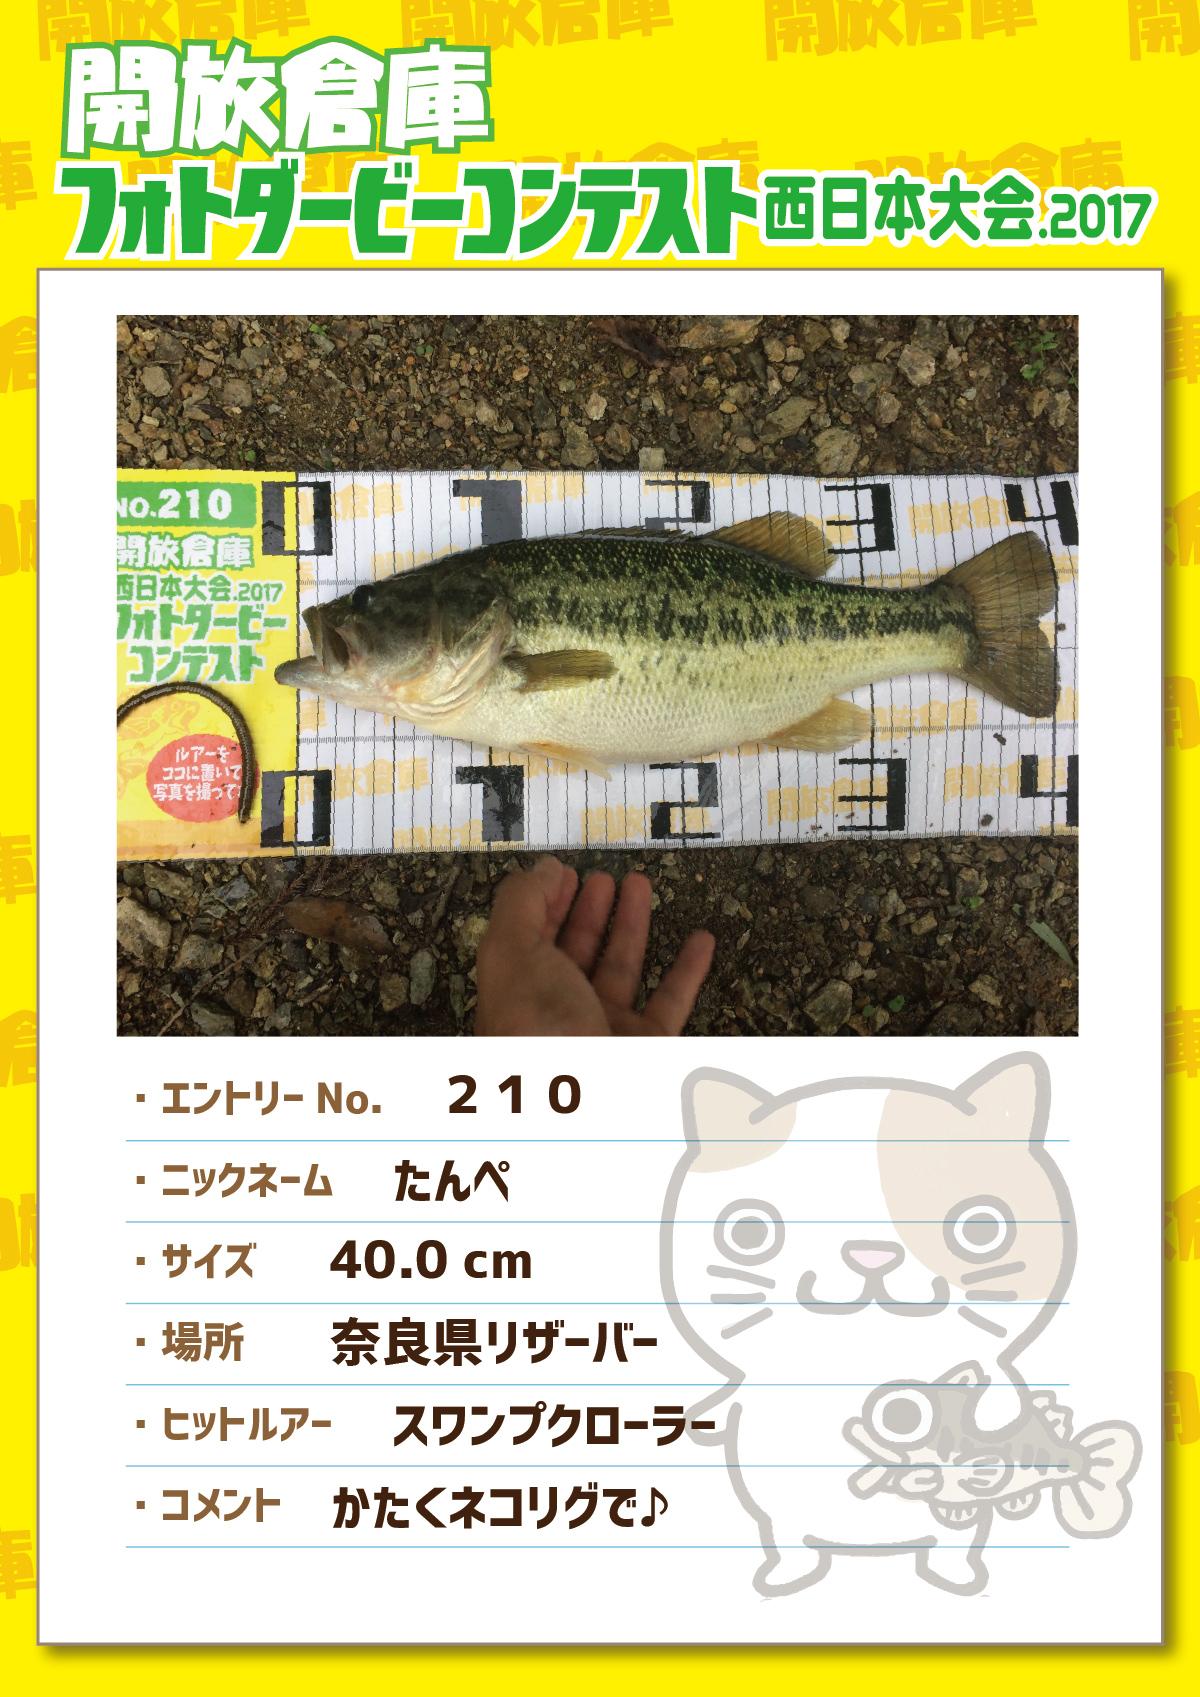 No.210 たんぺ 40.0cm 奈良県リザーバー スワンプクローラー かたくネコリグで♪